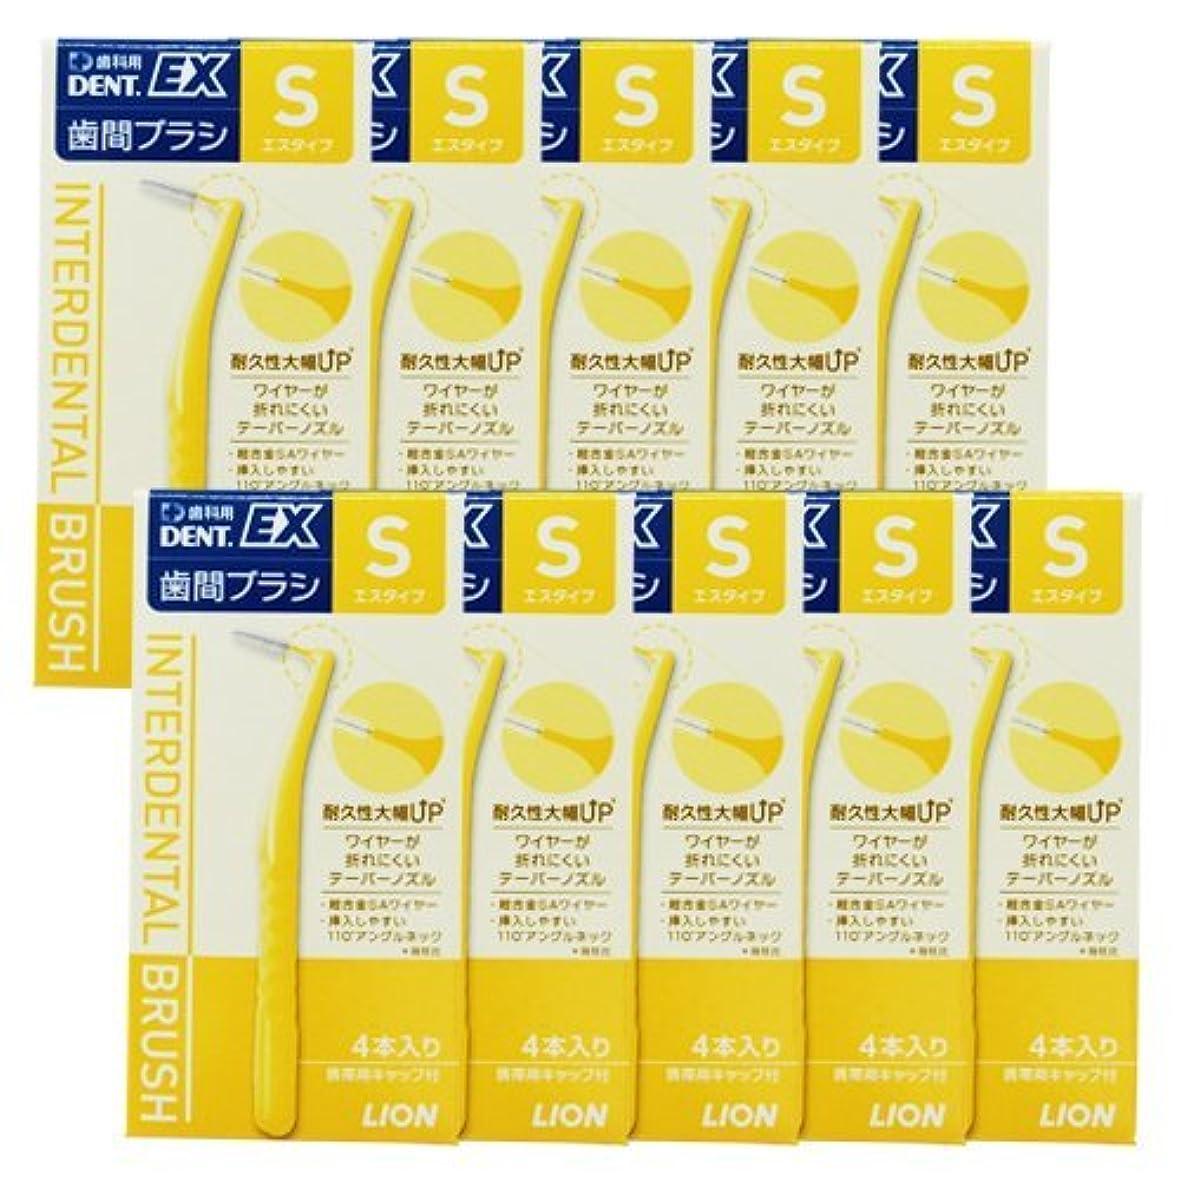 パスポート配分反対したライオン(LION) デント EX 歯間ブラシS (LION DENT. EX 歯間ブラシ) 10箱 40本セット